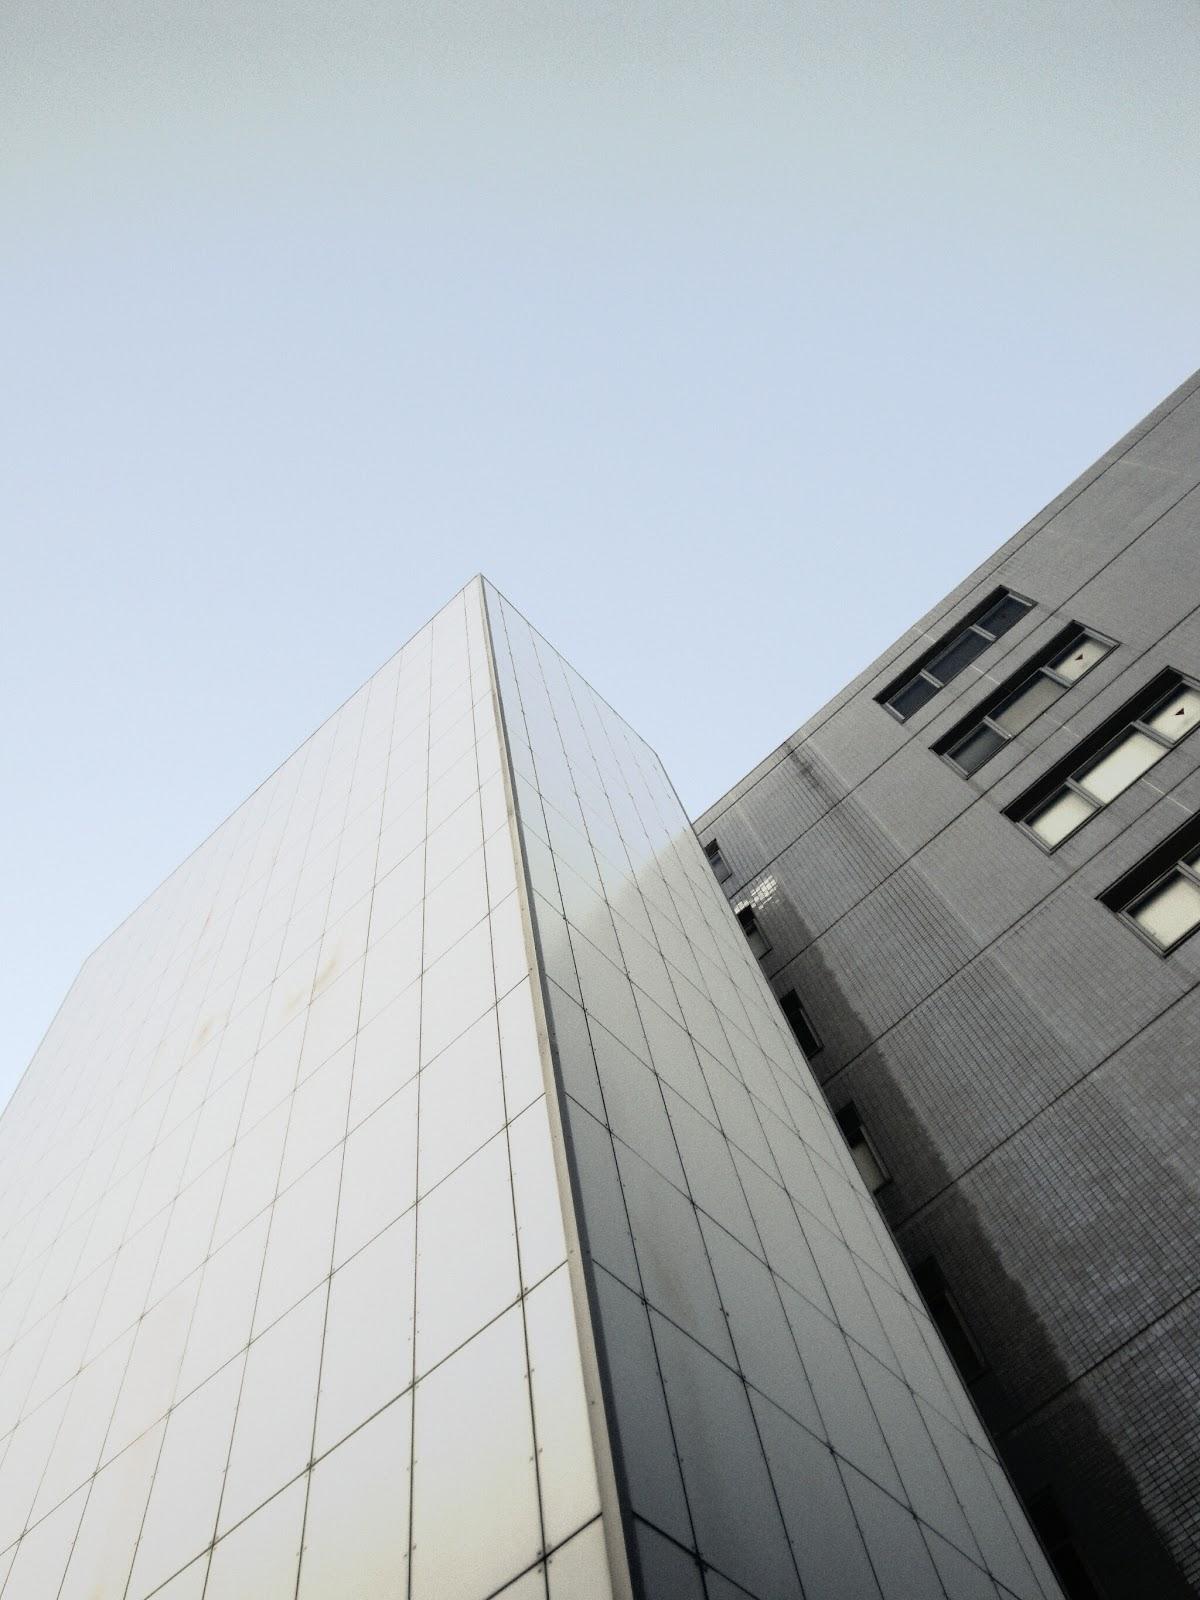 薄茶と白のビルが空に向かって並ぴ建っている